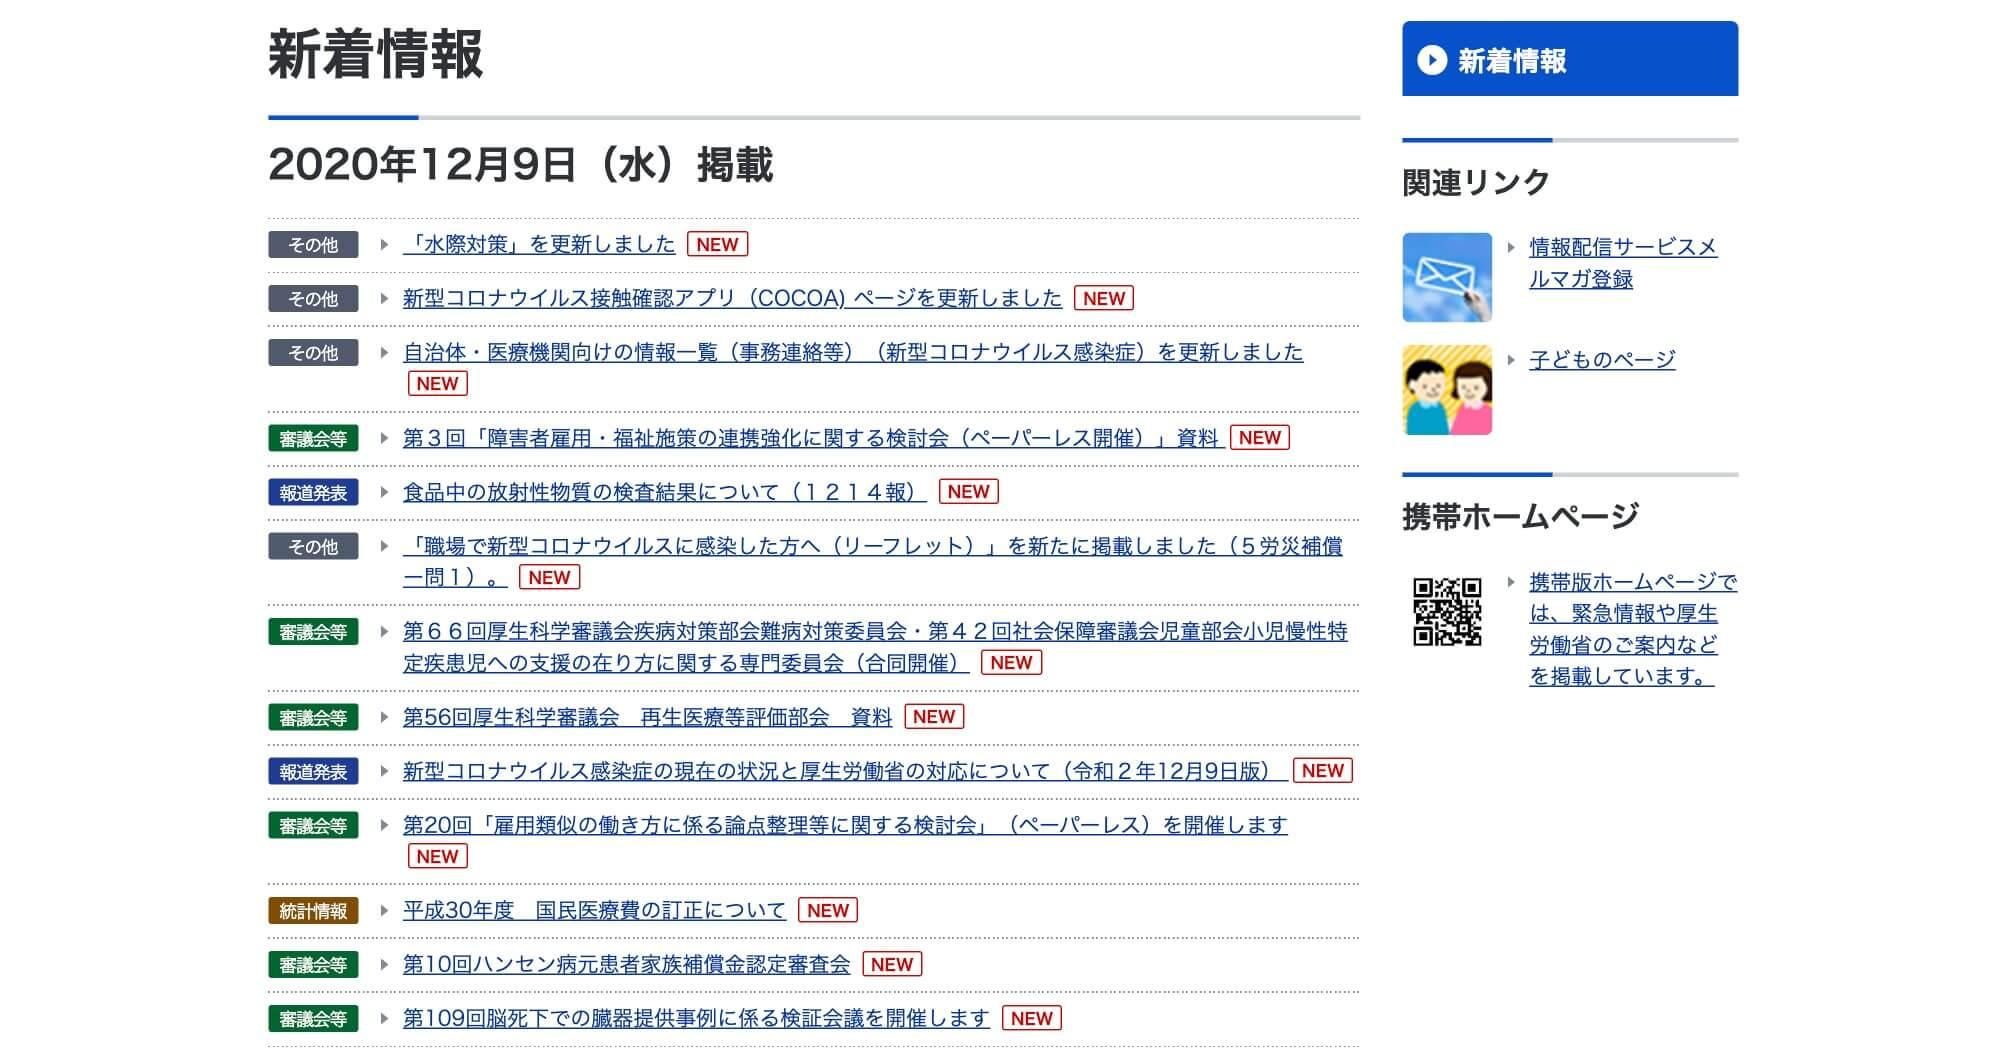 厚生労働省Webサイトの新着情報